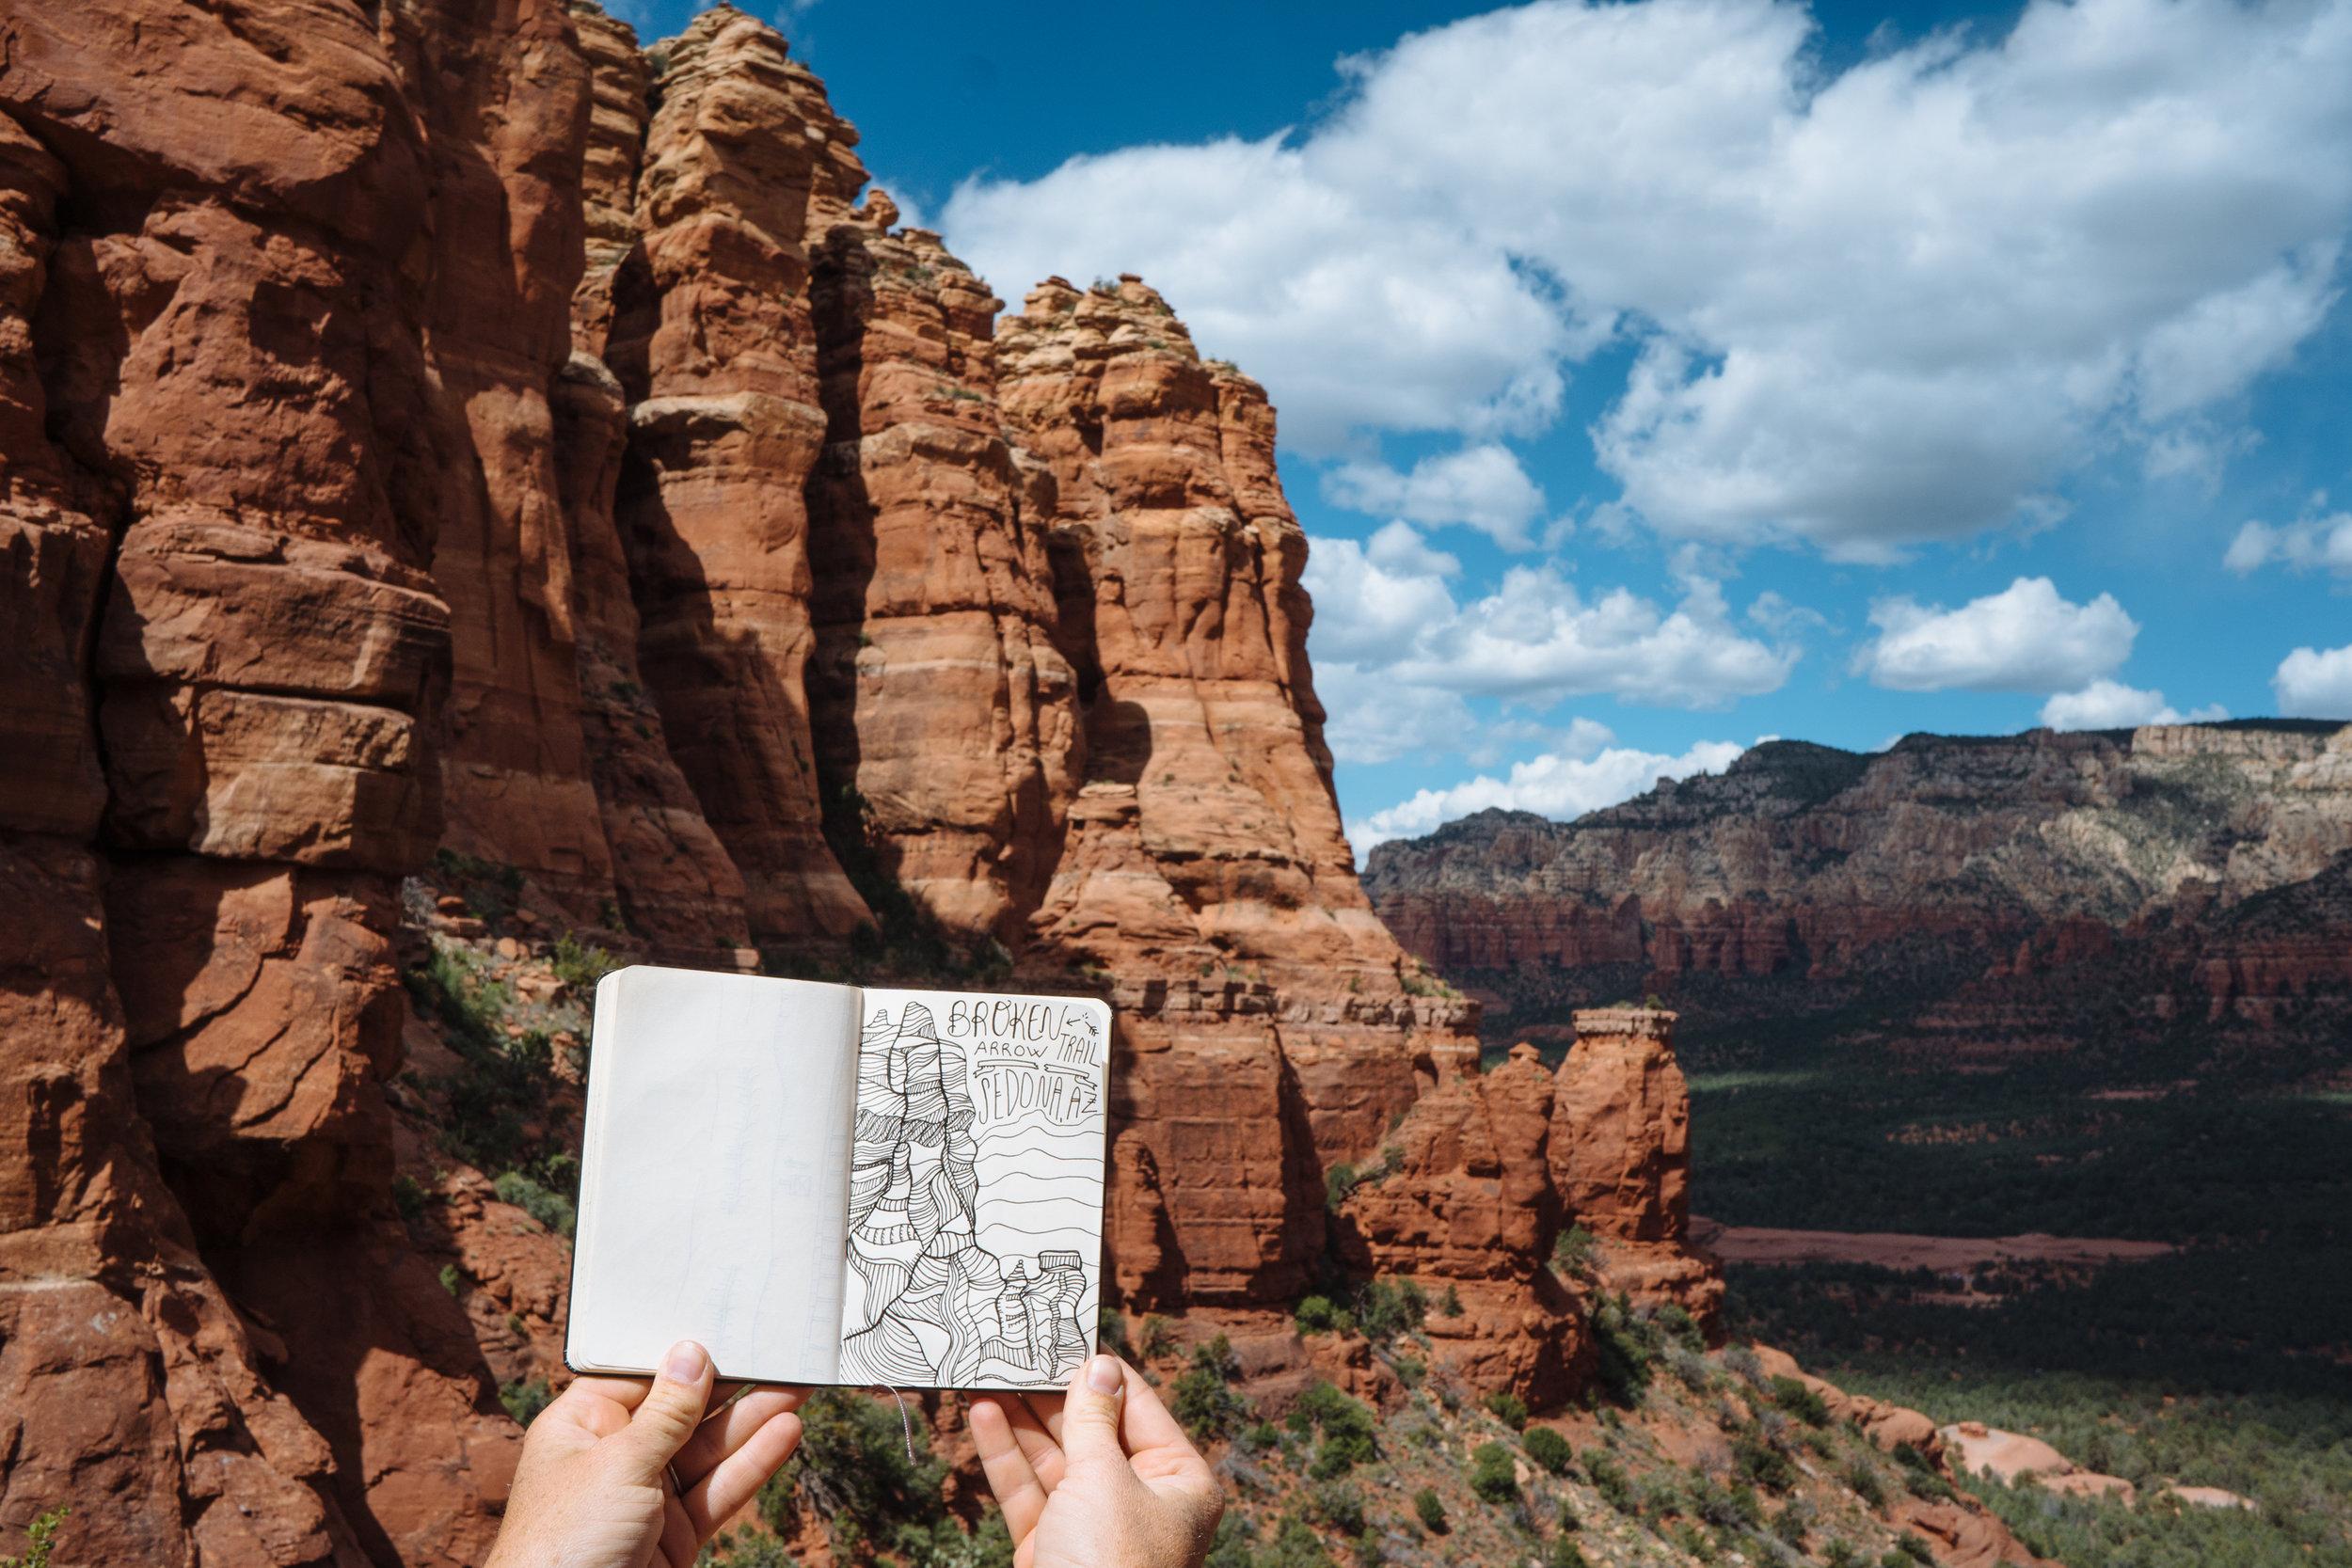 MAK sketching the Broken Arrow hike in Sedona, AZ